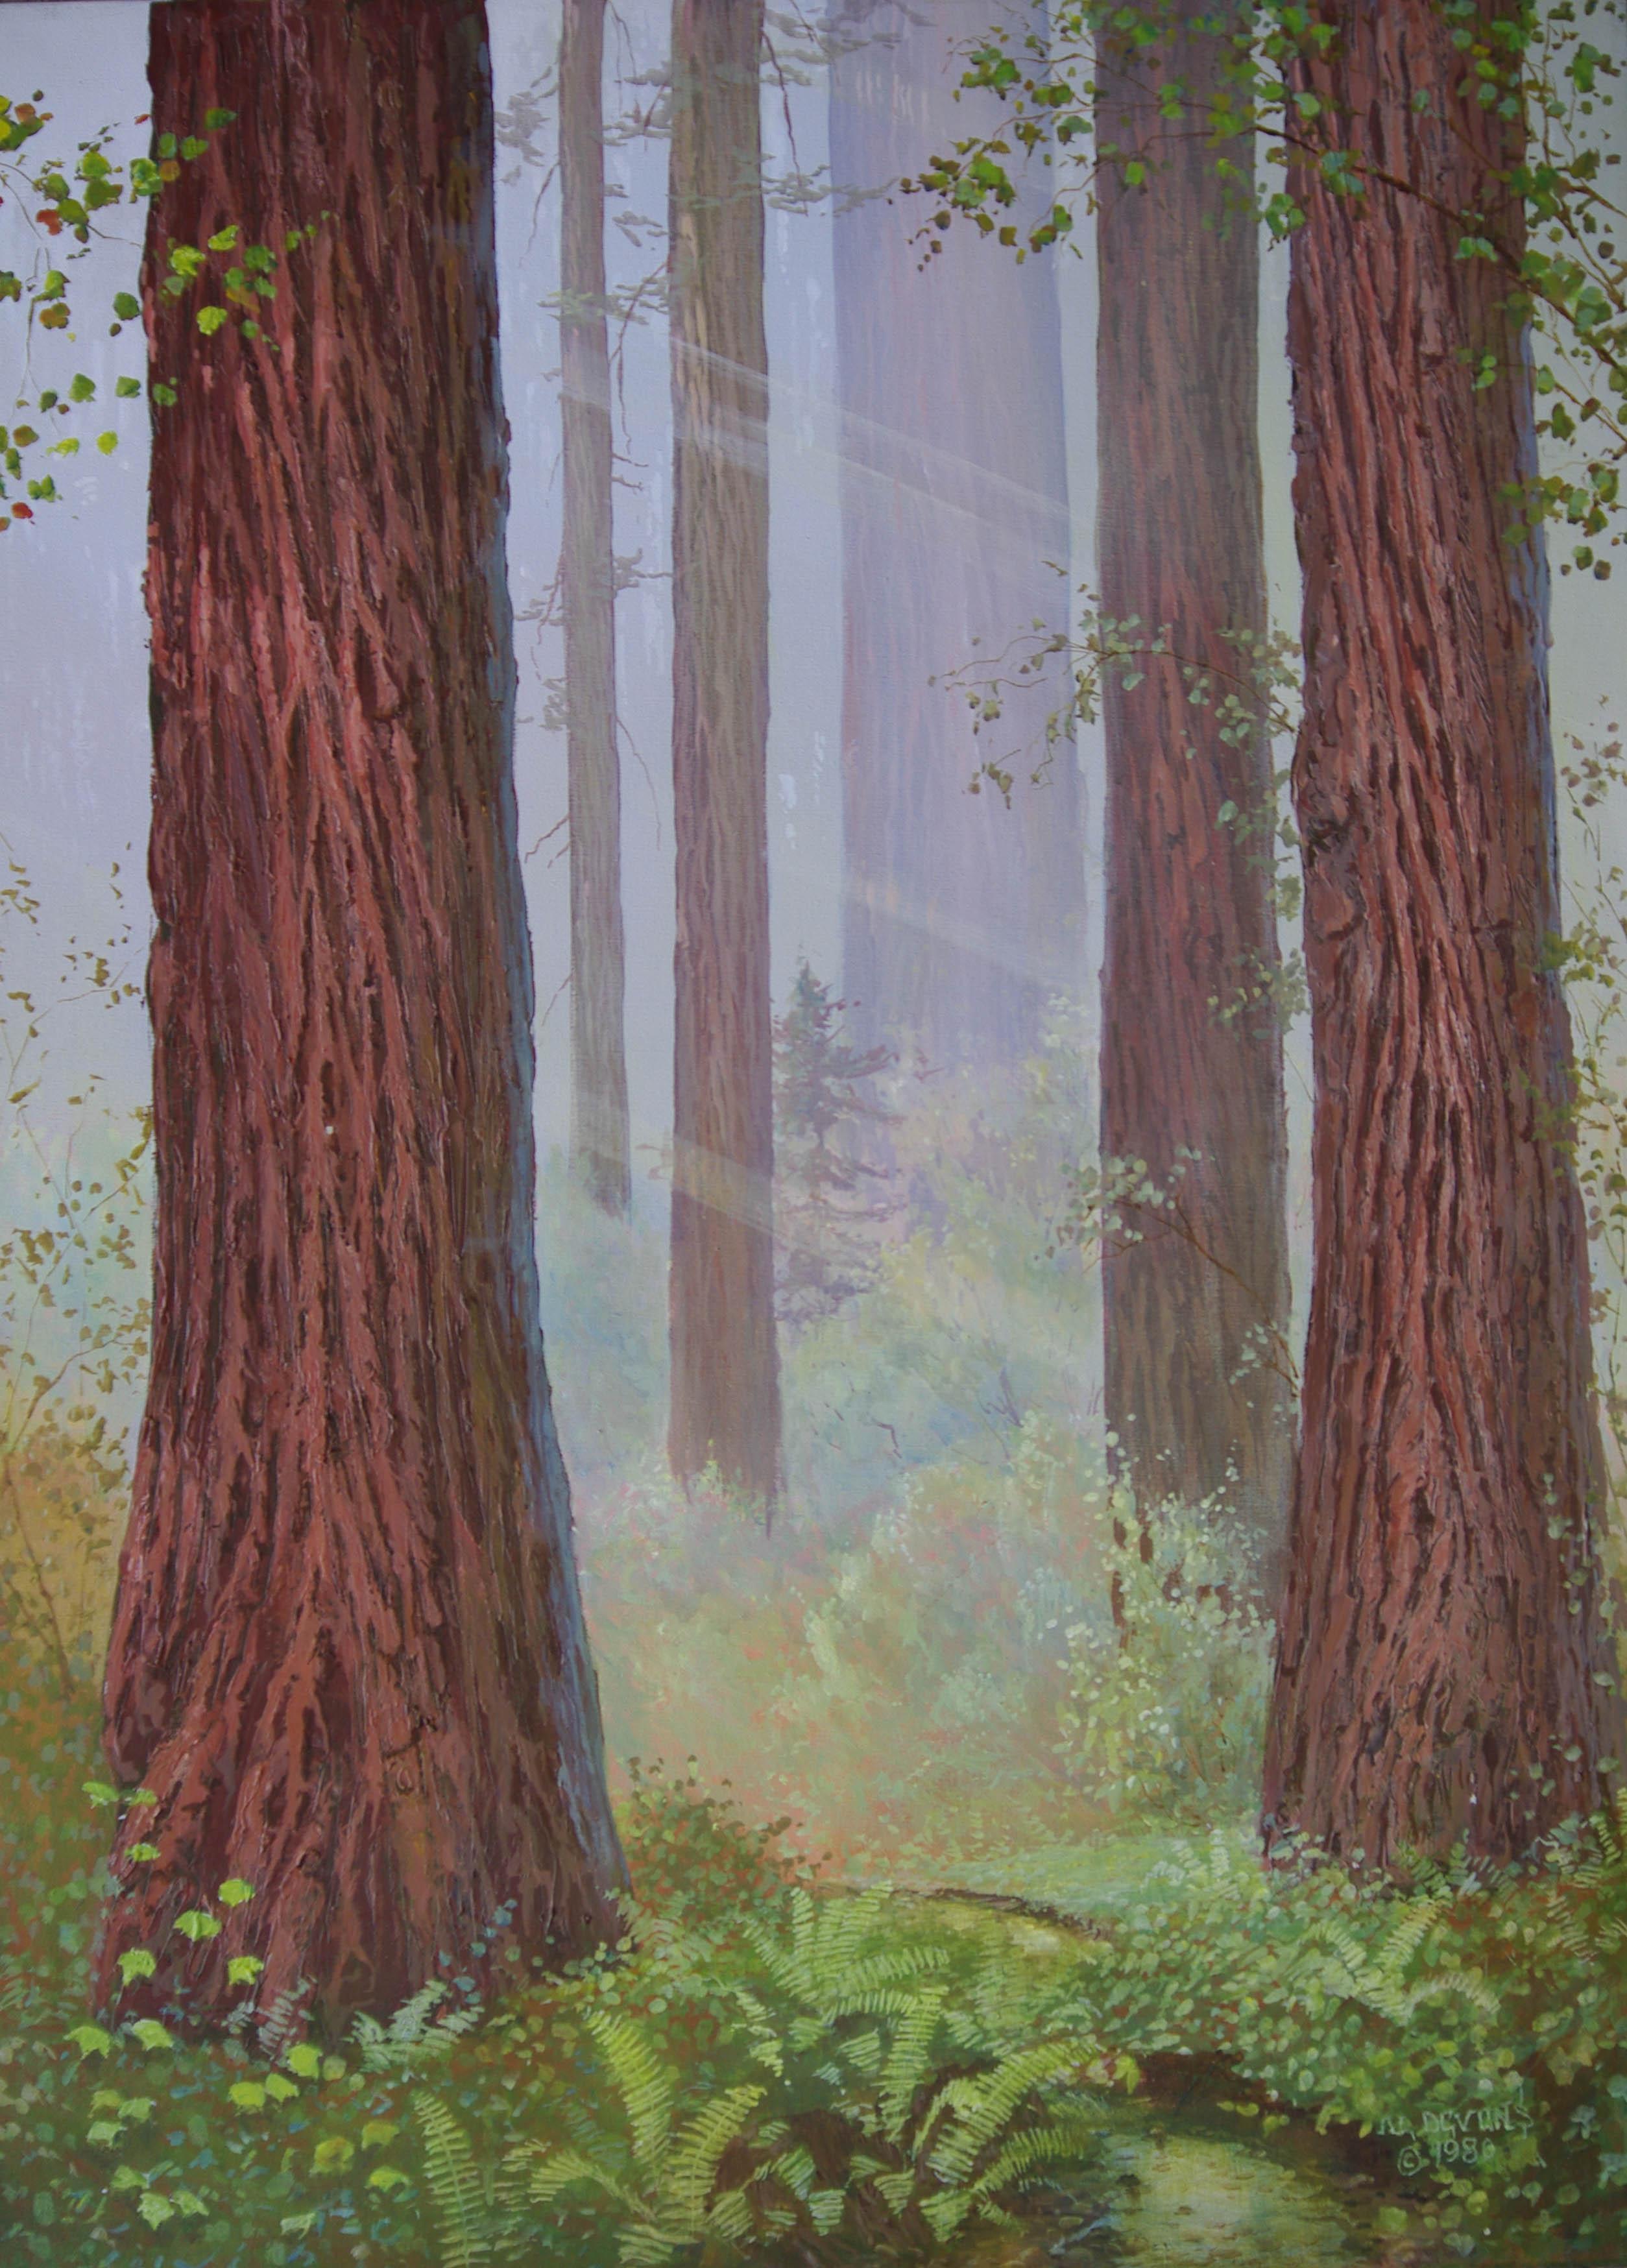 Quiet Brooklet by   Devons - Masterpiece Online